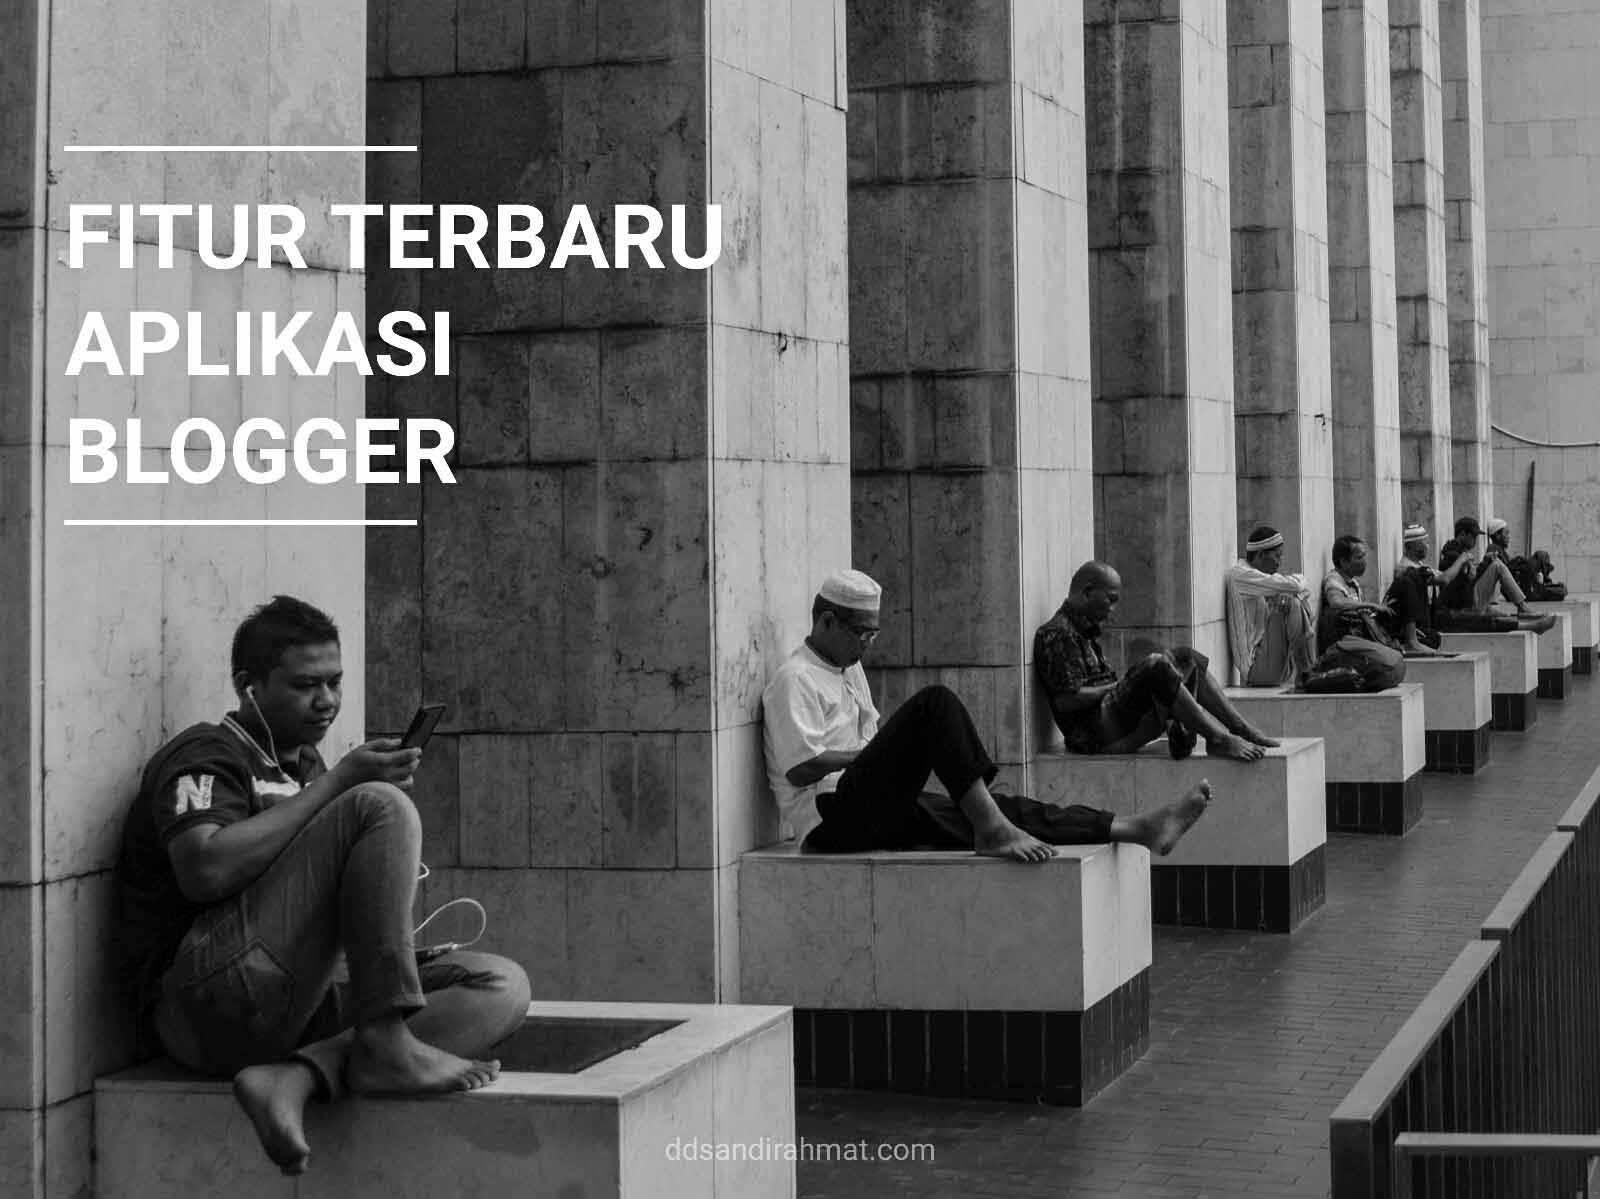 Fitur Baru di Aplikasi Blogger 2020